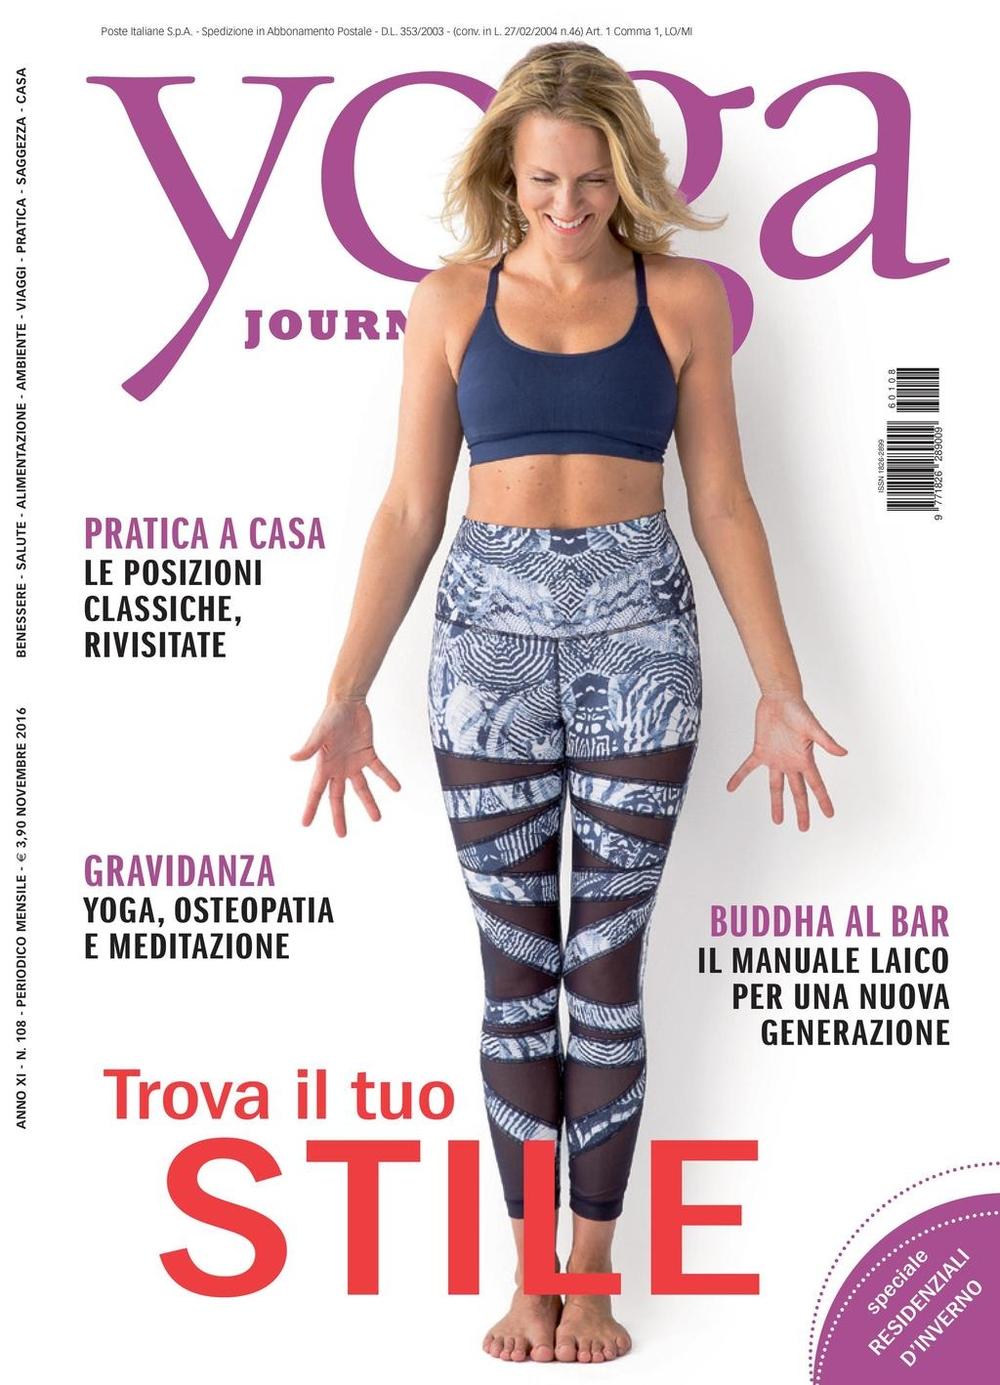 Yoga Journal n. 108